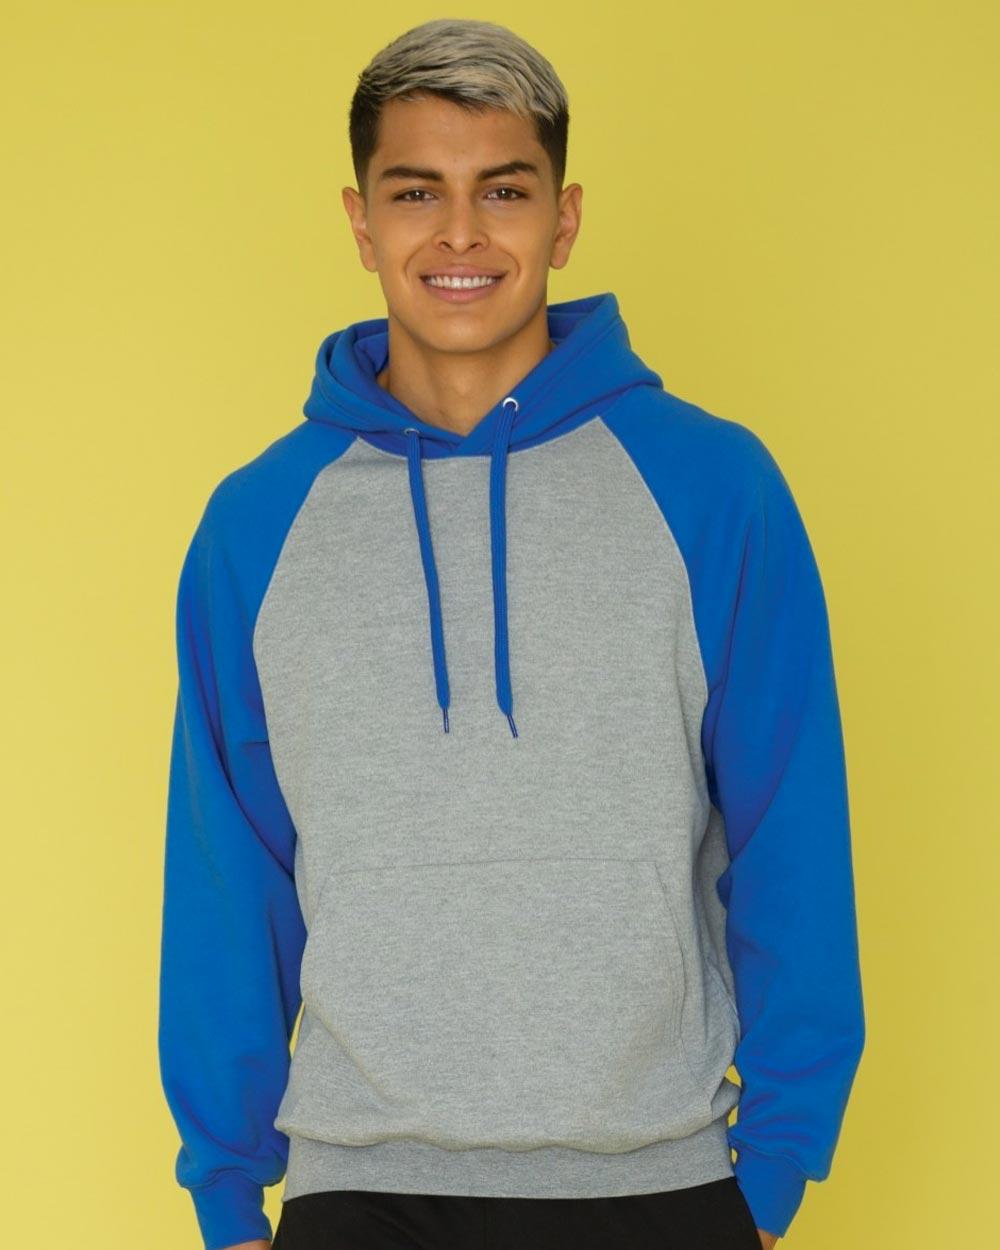 ATC F2550 - Everyday Fleece Two Tone Hooded Sweatshirt